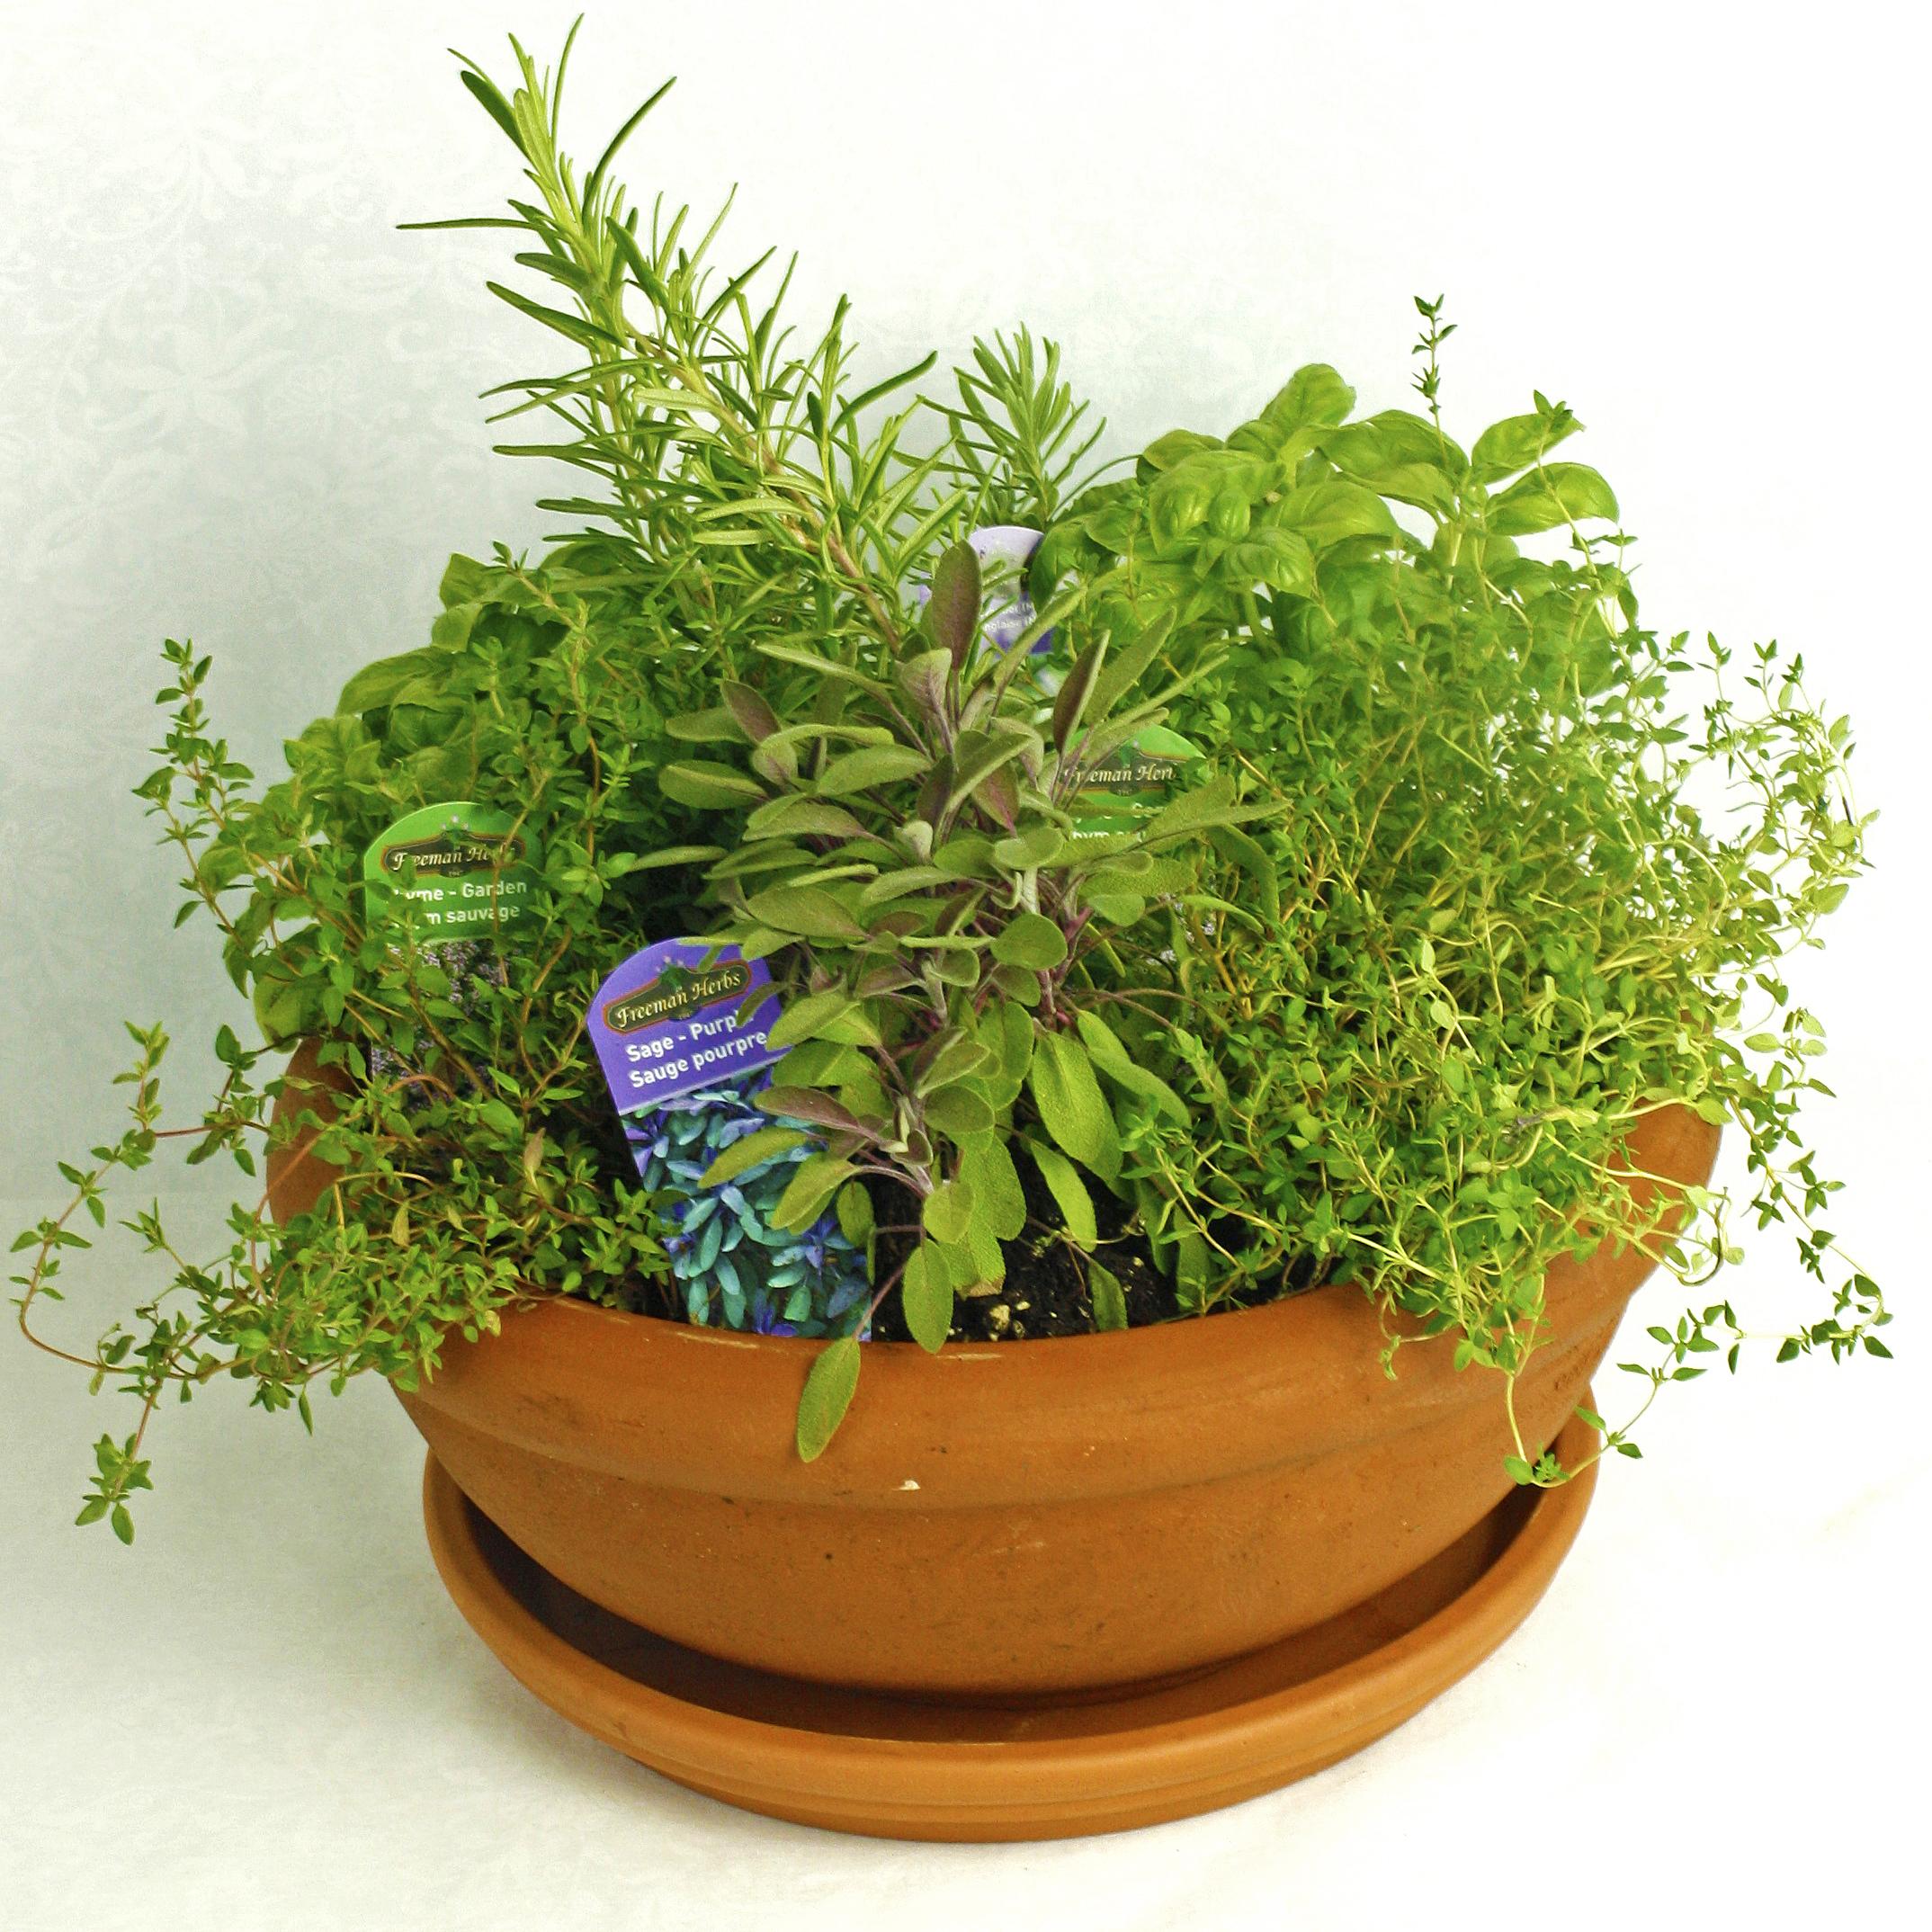 Herb Garden $50-$100 -